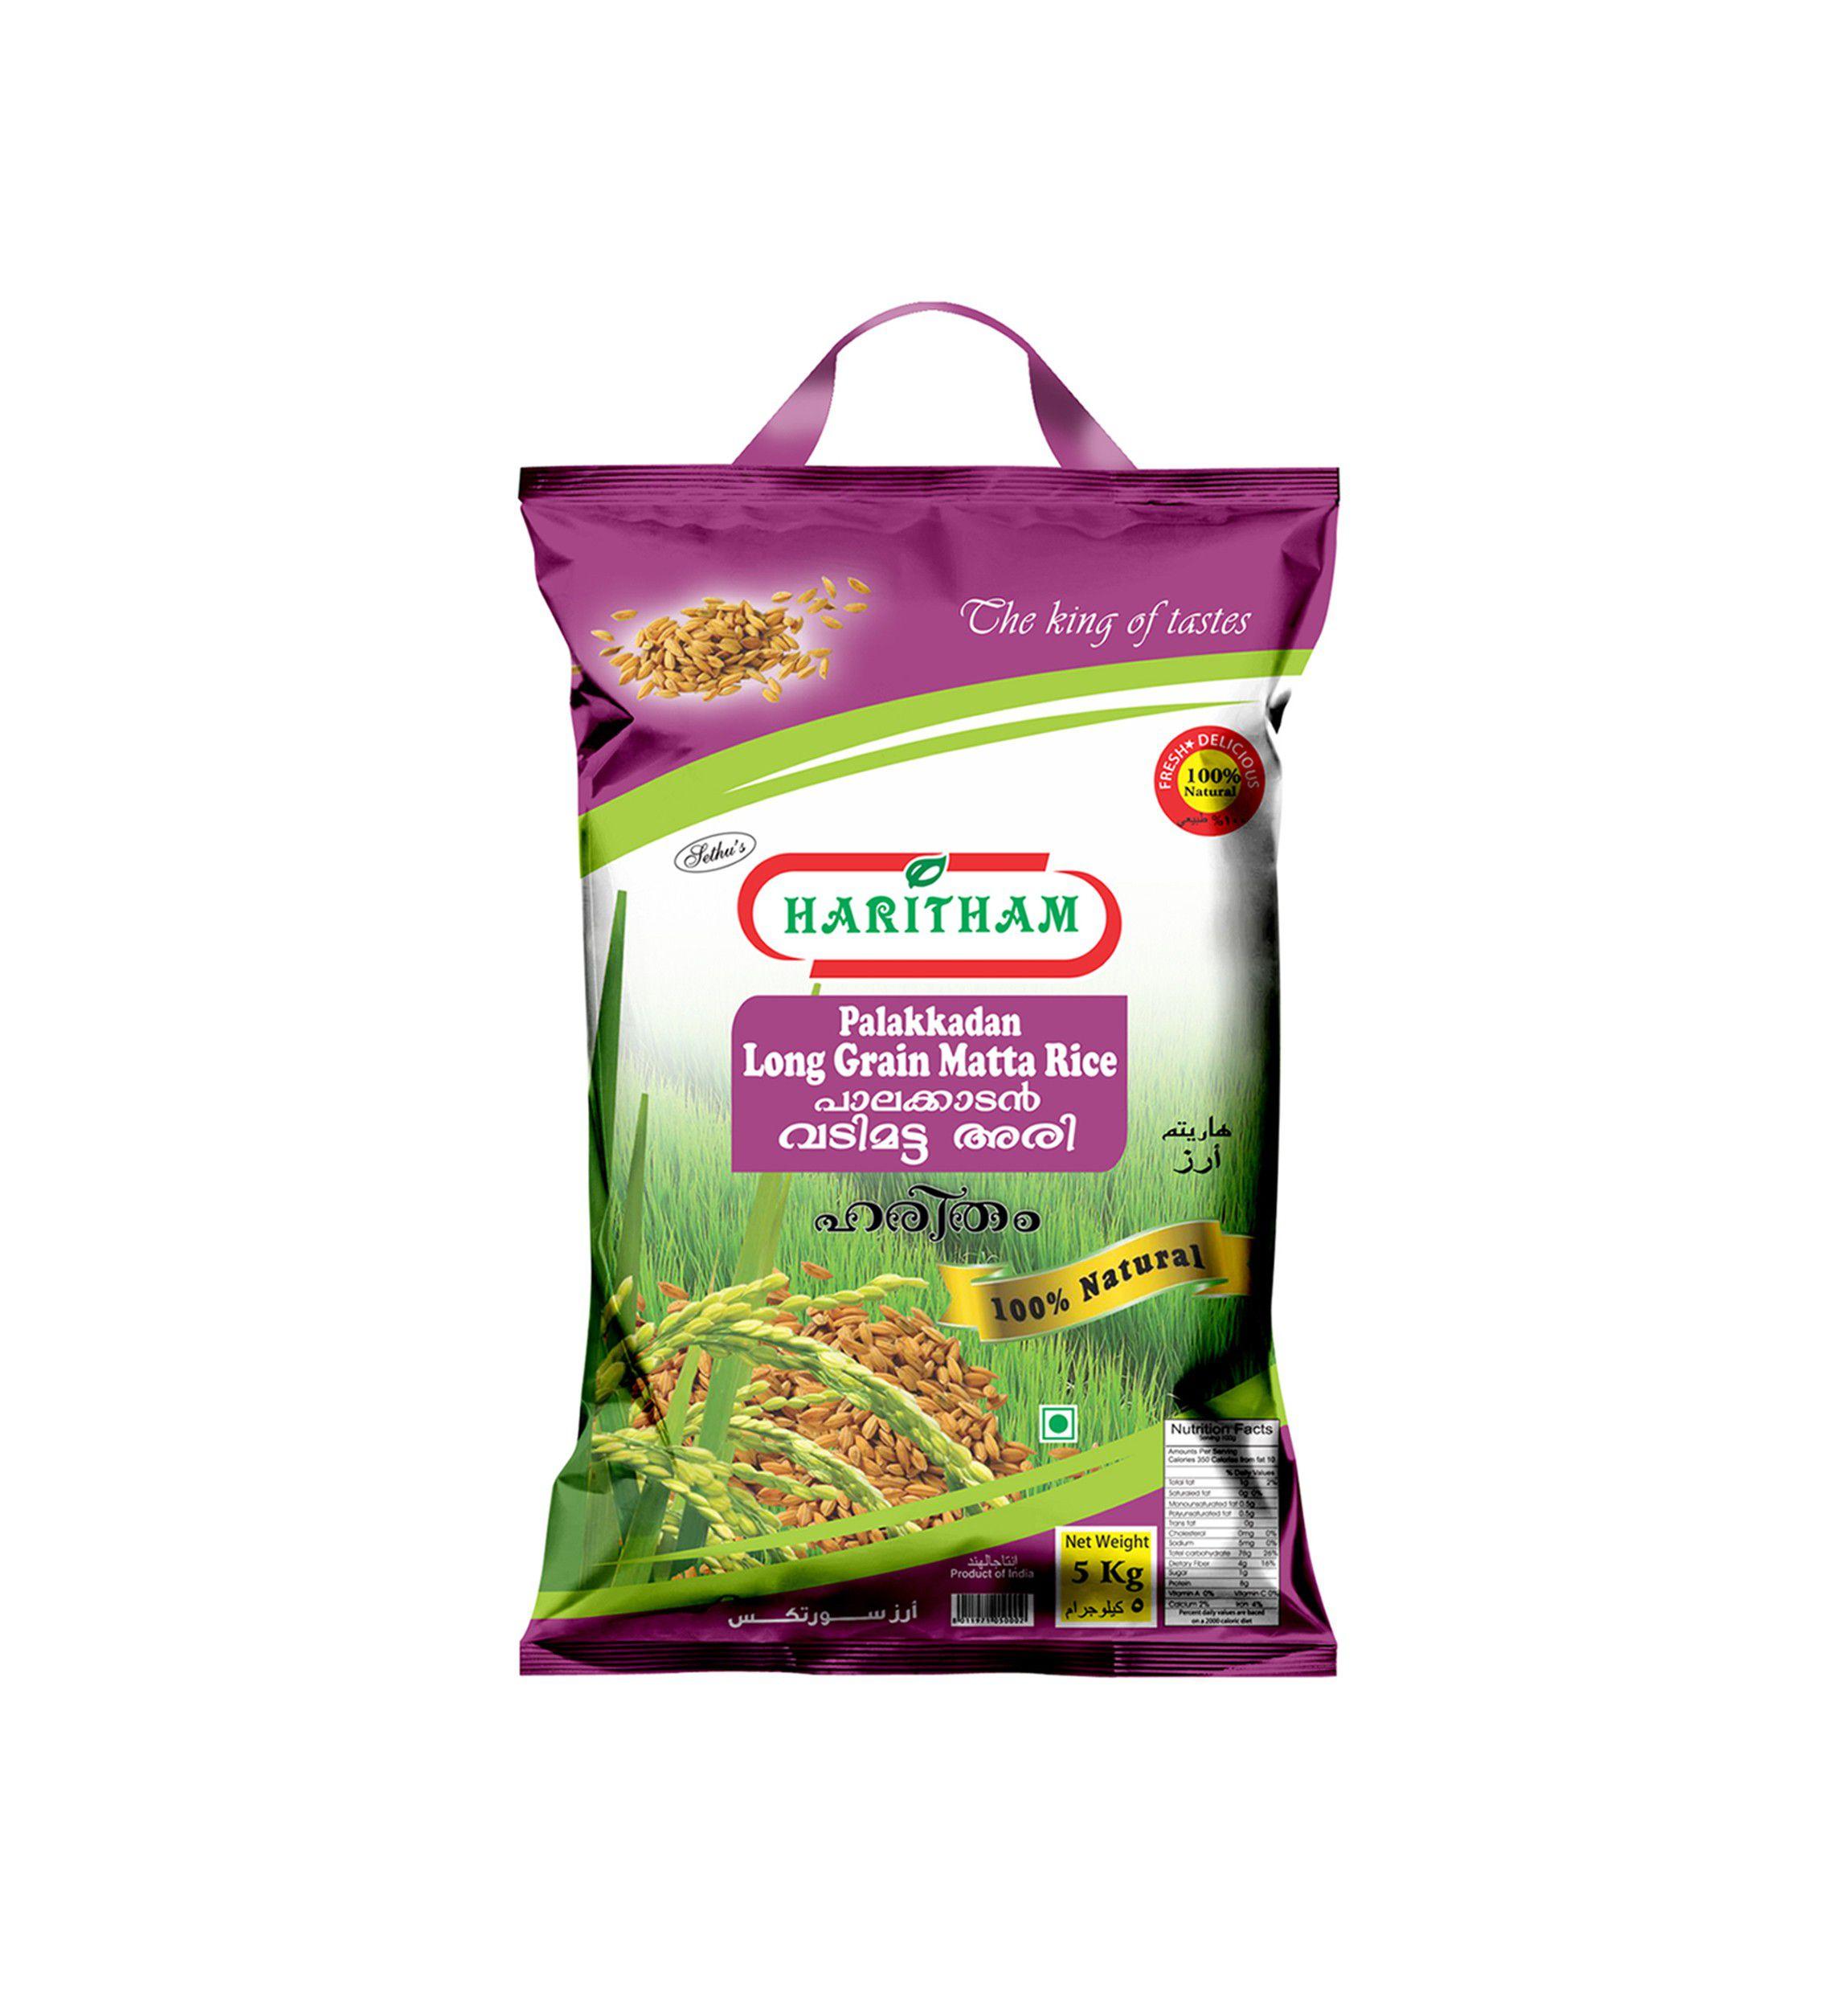 palakkadan long grain matta rice